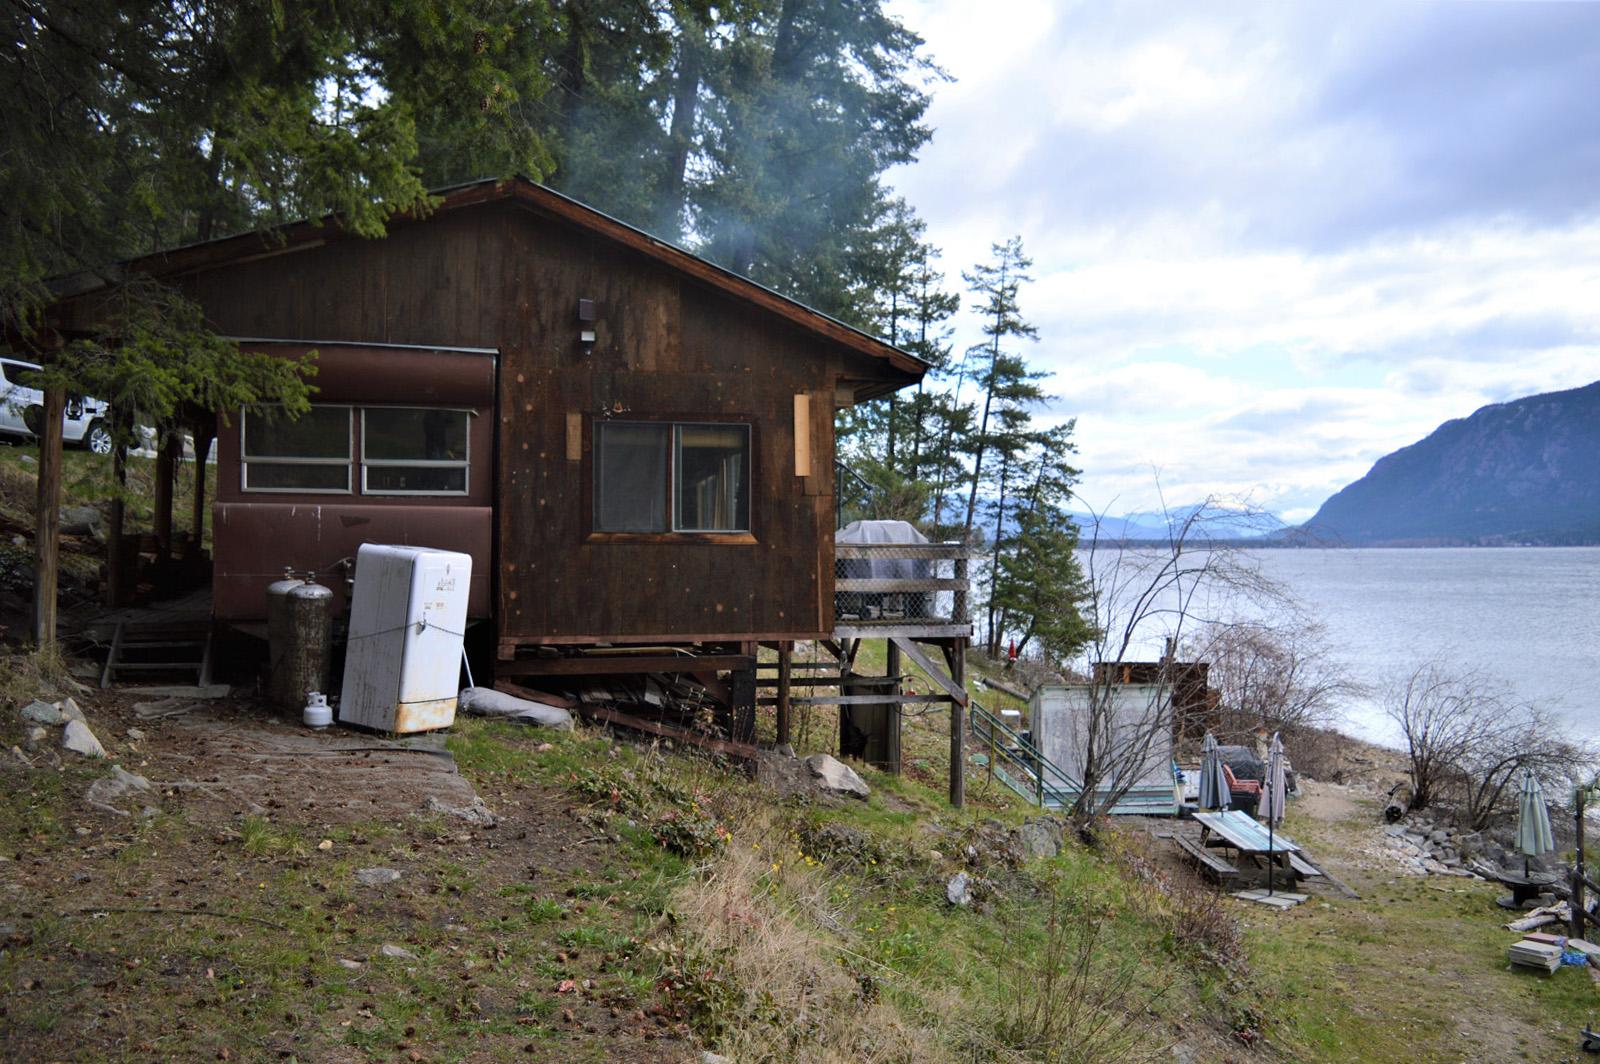 Little shuswap lake 16